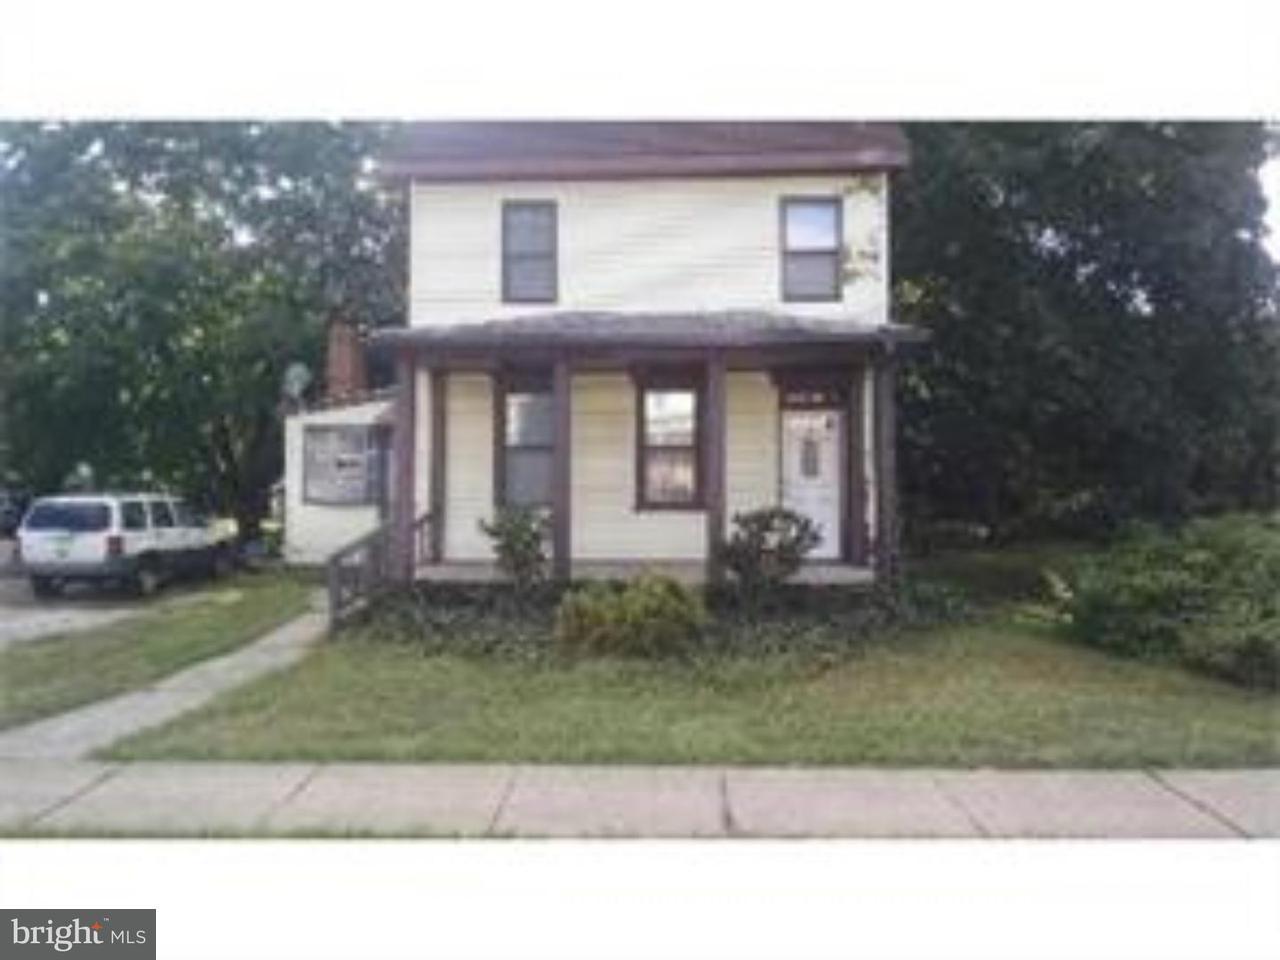 Casa Unifamiliar por un Alquiler en 317 N MAIN Street Glassboro, Nueva Jersey 08028 Estados Unidos